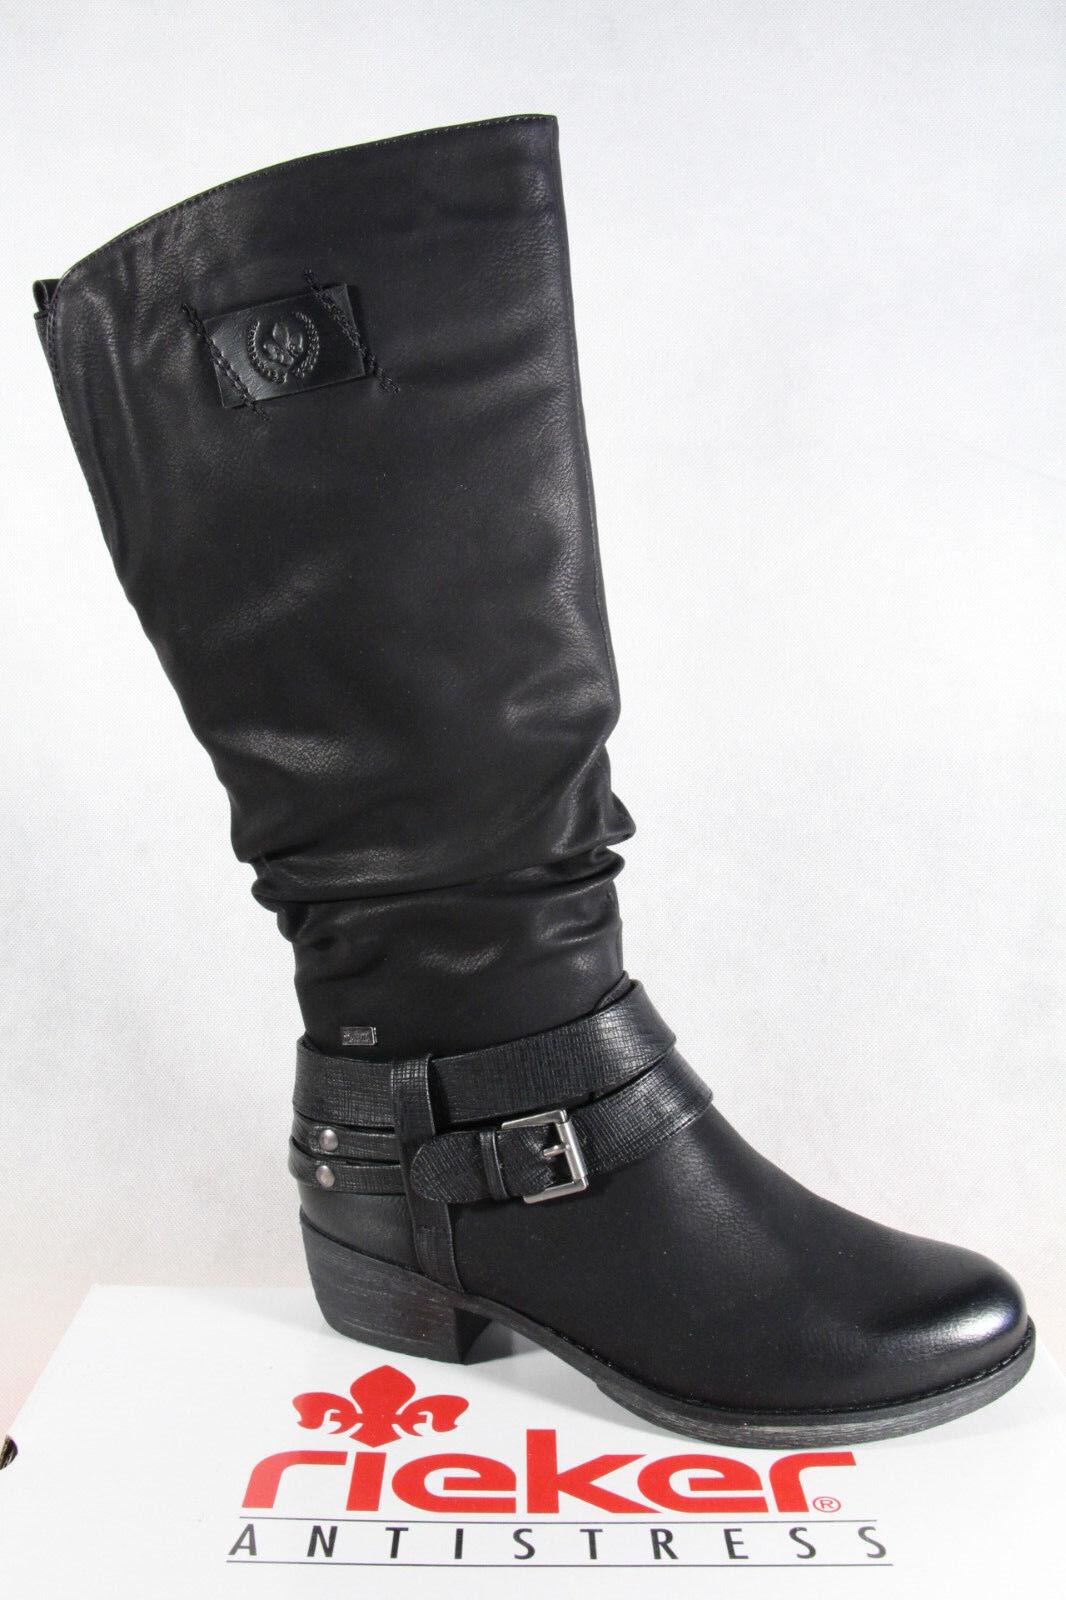 Grandes zapatos con descuento Rieker-Tex Botas Mujer Botines Negro Forro Cálido 93158 Nuevo